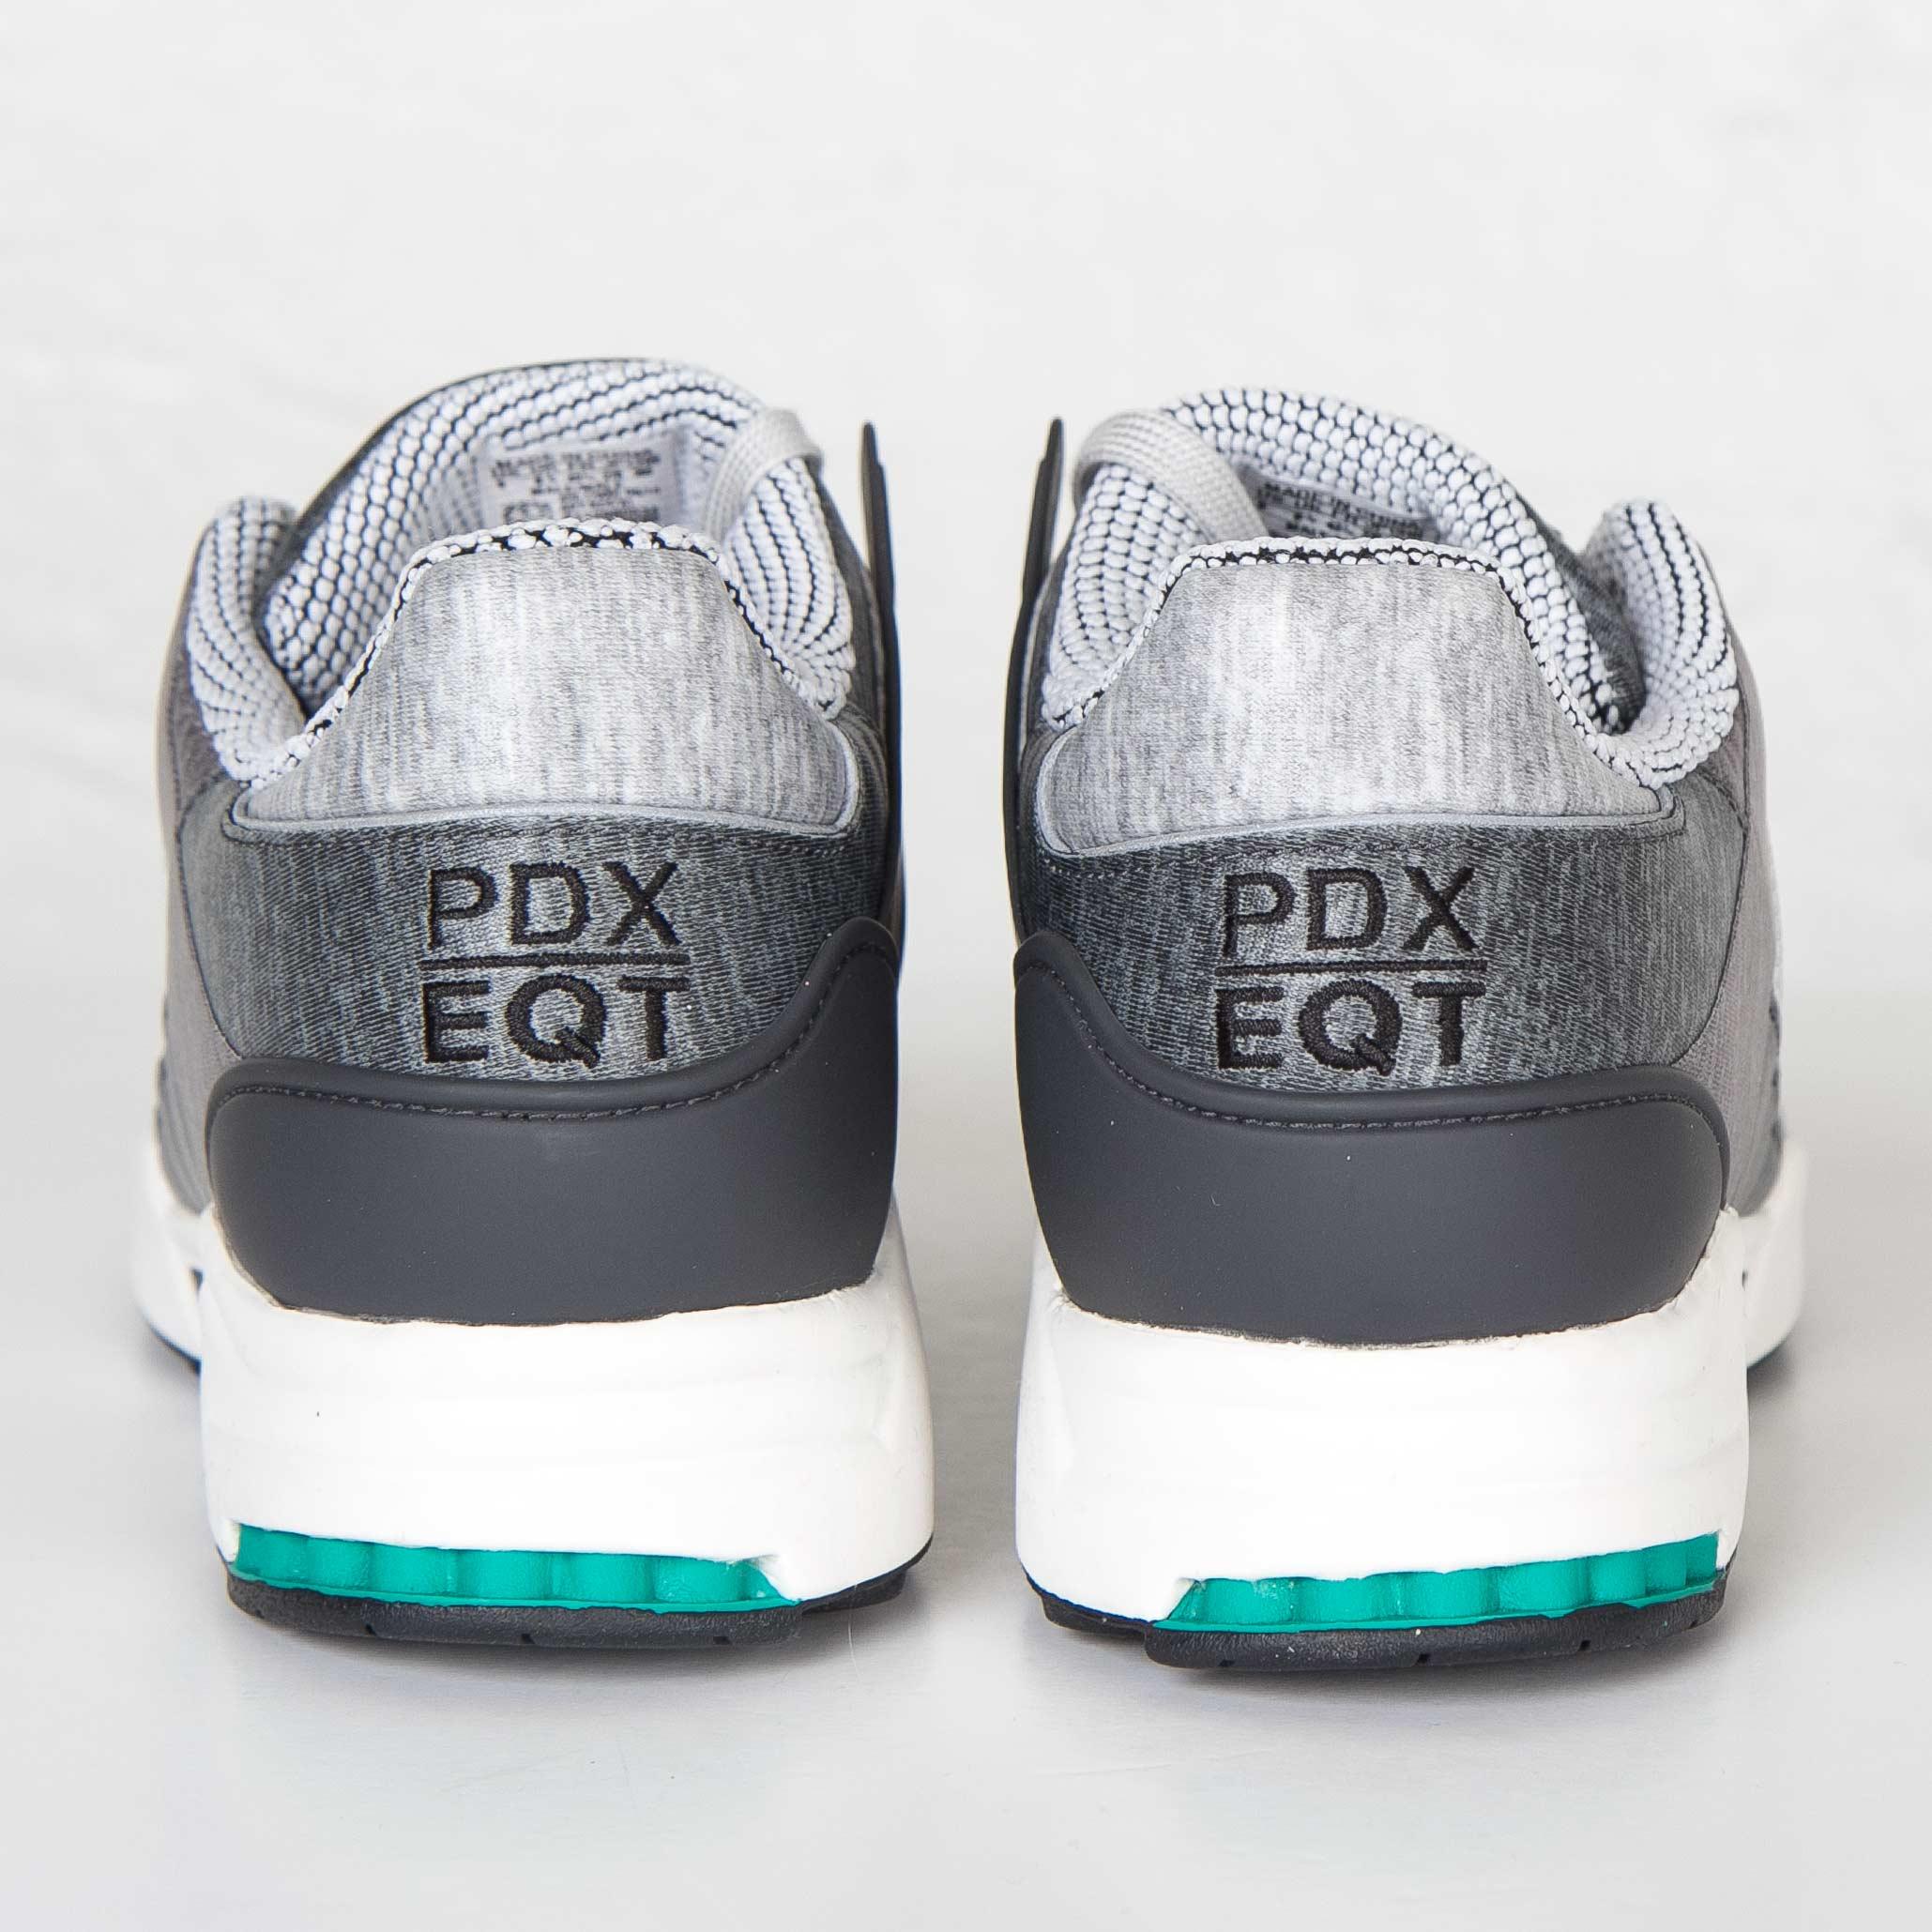 dcf3820a2e3a4 adidas Equipment Running Support 93 - B24781 - Sneakersnstuff ...